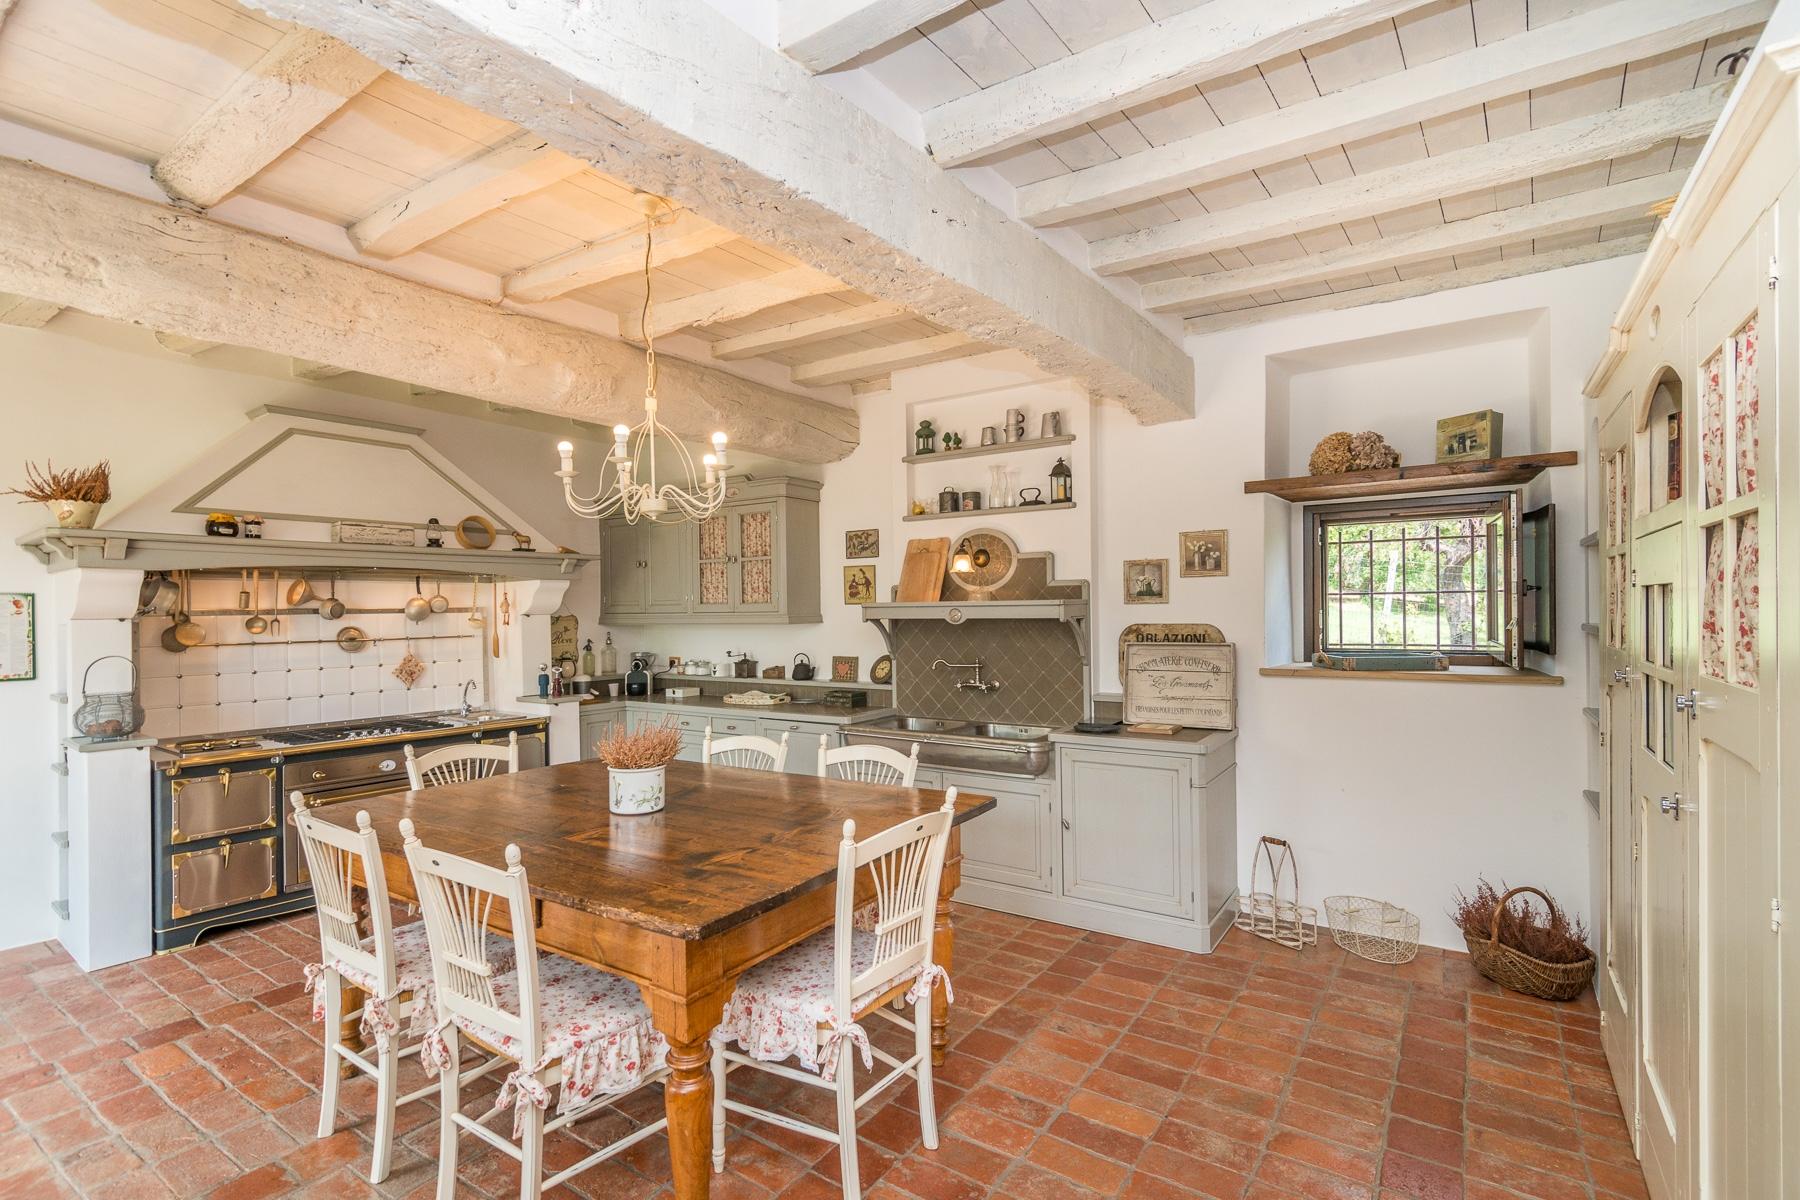 Casa indipendente in Vendita a Ziano Piacentino: 5 locali, 260 mq - Foto 8